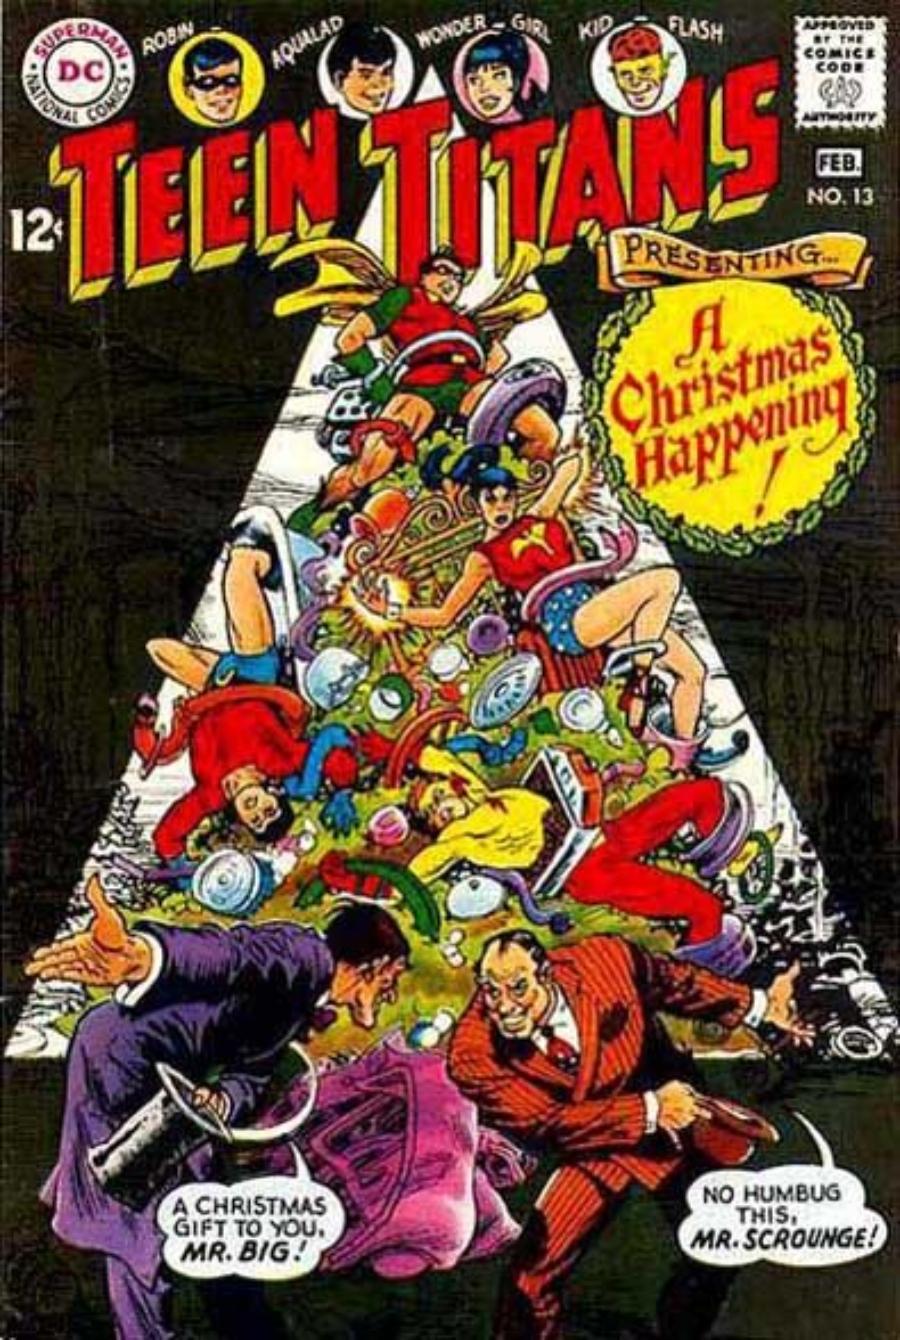 especiales navideños dc comics teen titans